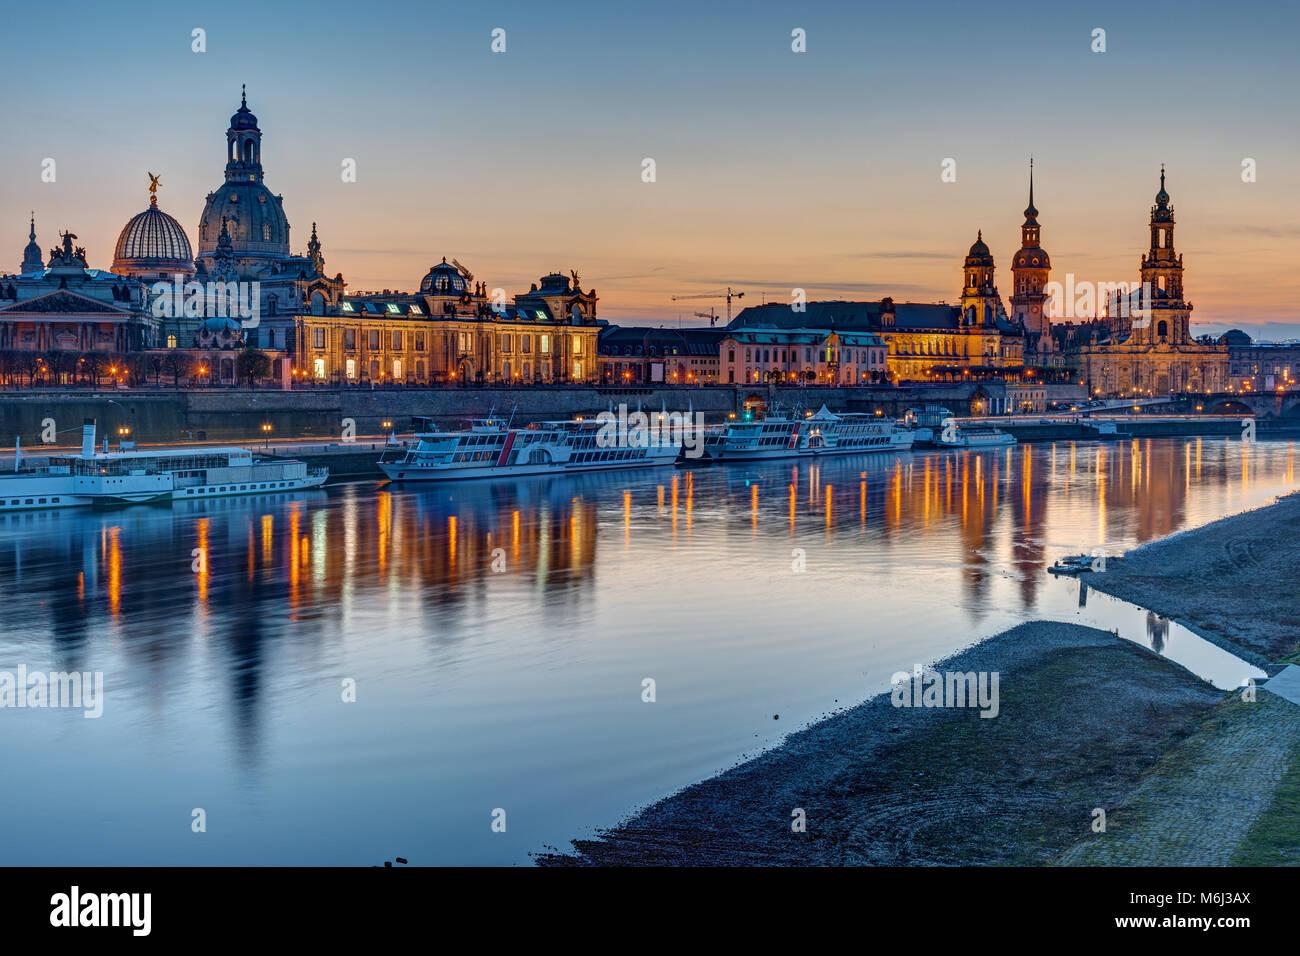 Die Altstadt von Dresden mit der Elbe nach Sonnenuntergang Stockbild